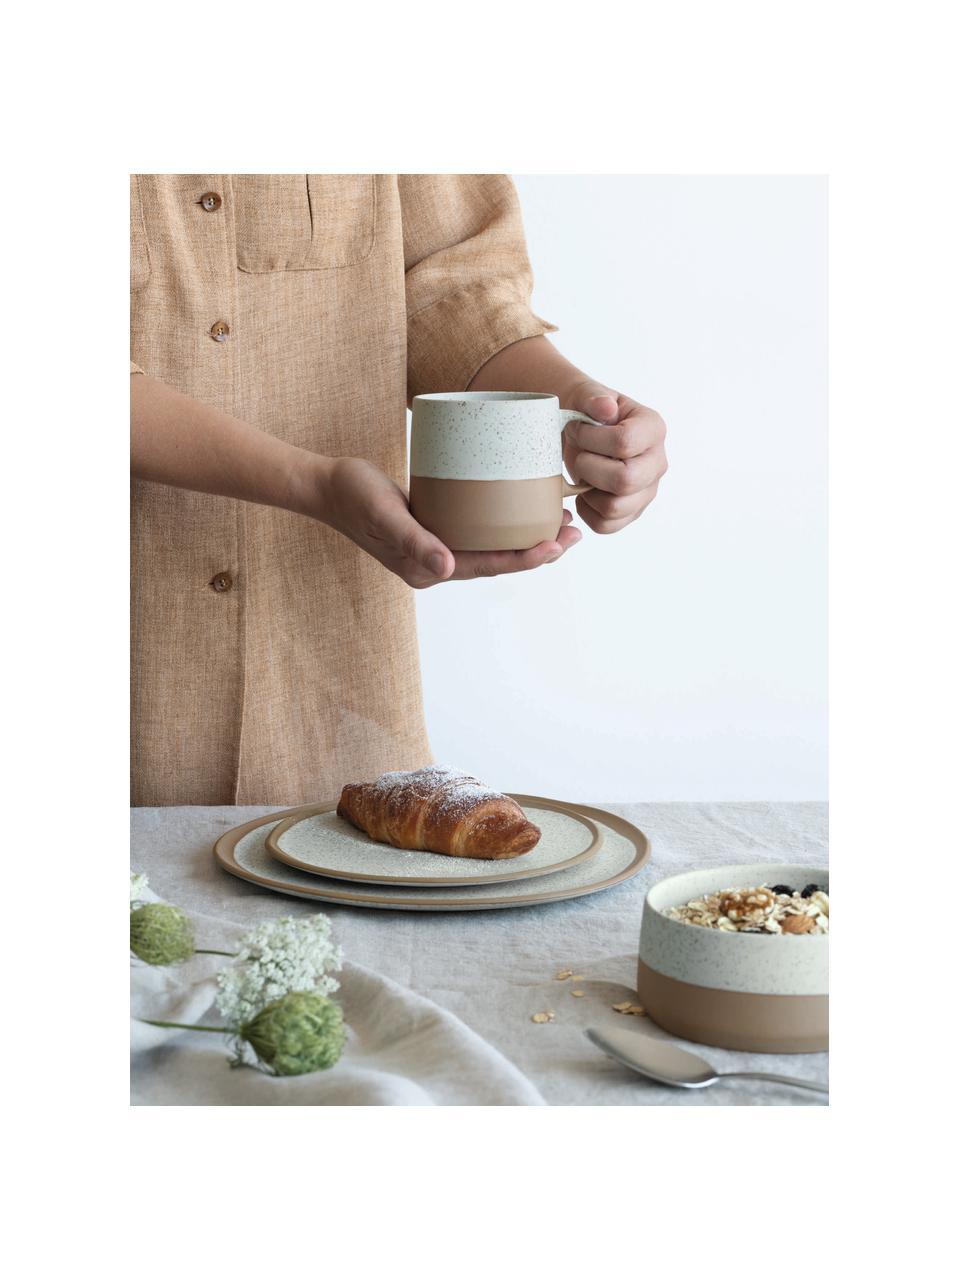 Tassen Caja in Braun/Beige matt, 2 Stück, Steingut, Braun- und Beigetöne, Ø 9 x H 9 cm